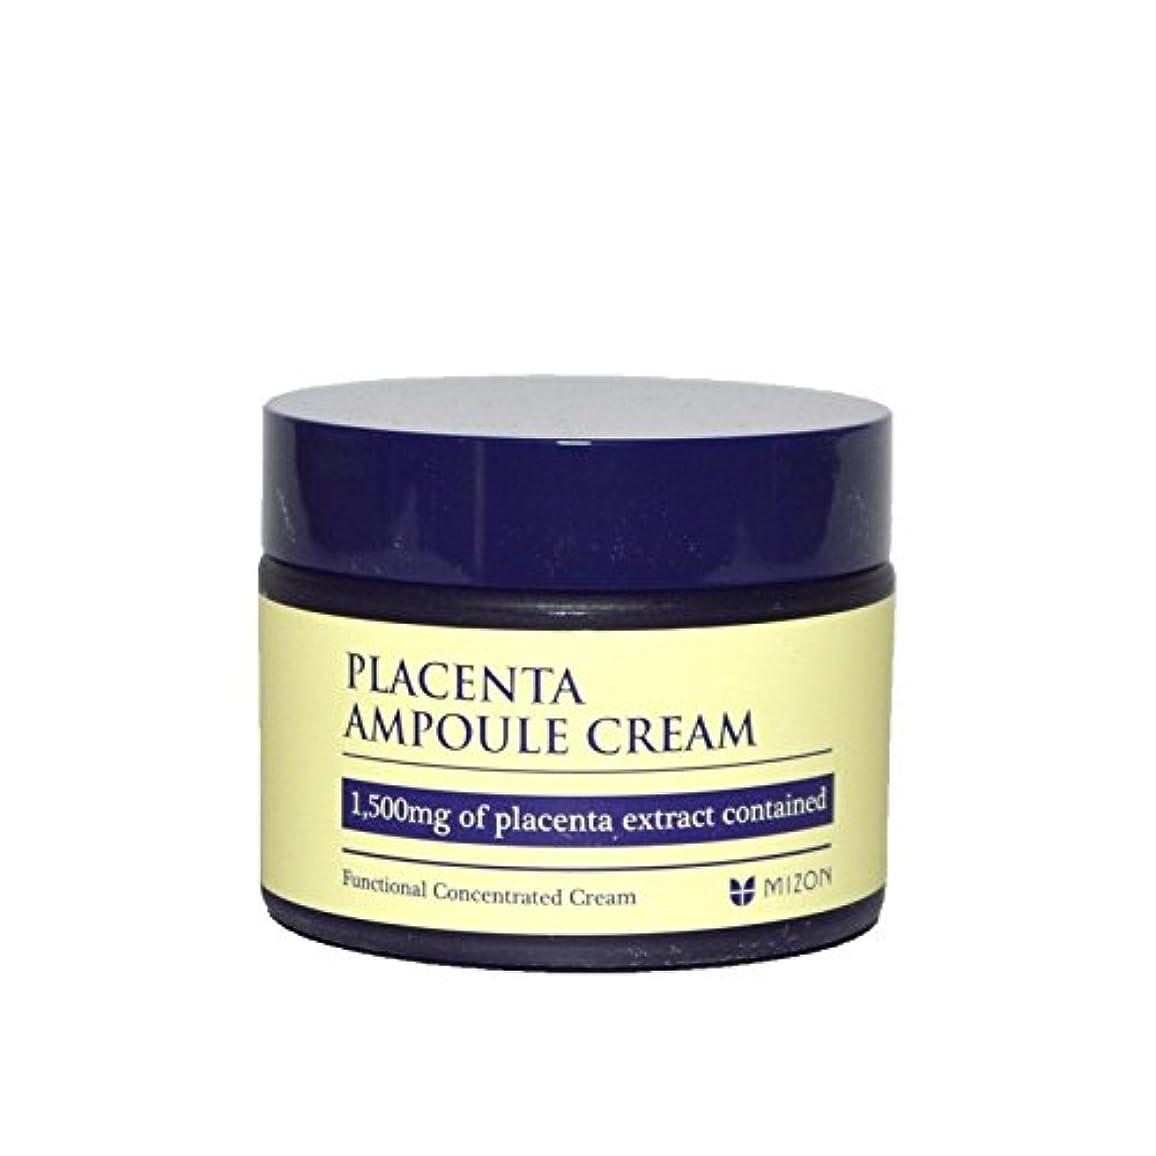 アーサー干渉祝う胎盤アンプルクリーム x2 - Mizon Placenta Ampoule Cream (Pack of 2) [並行輸入品]